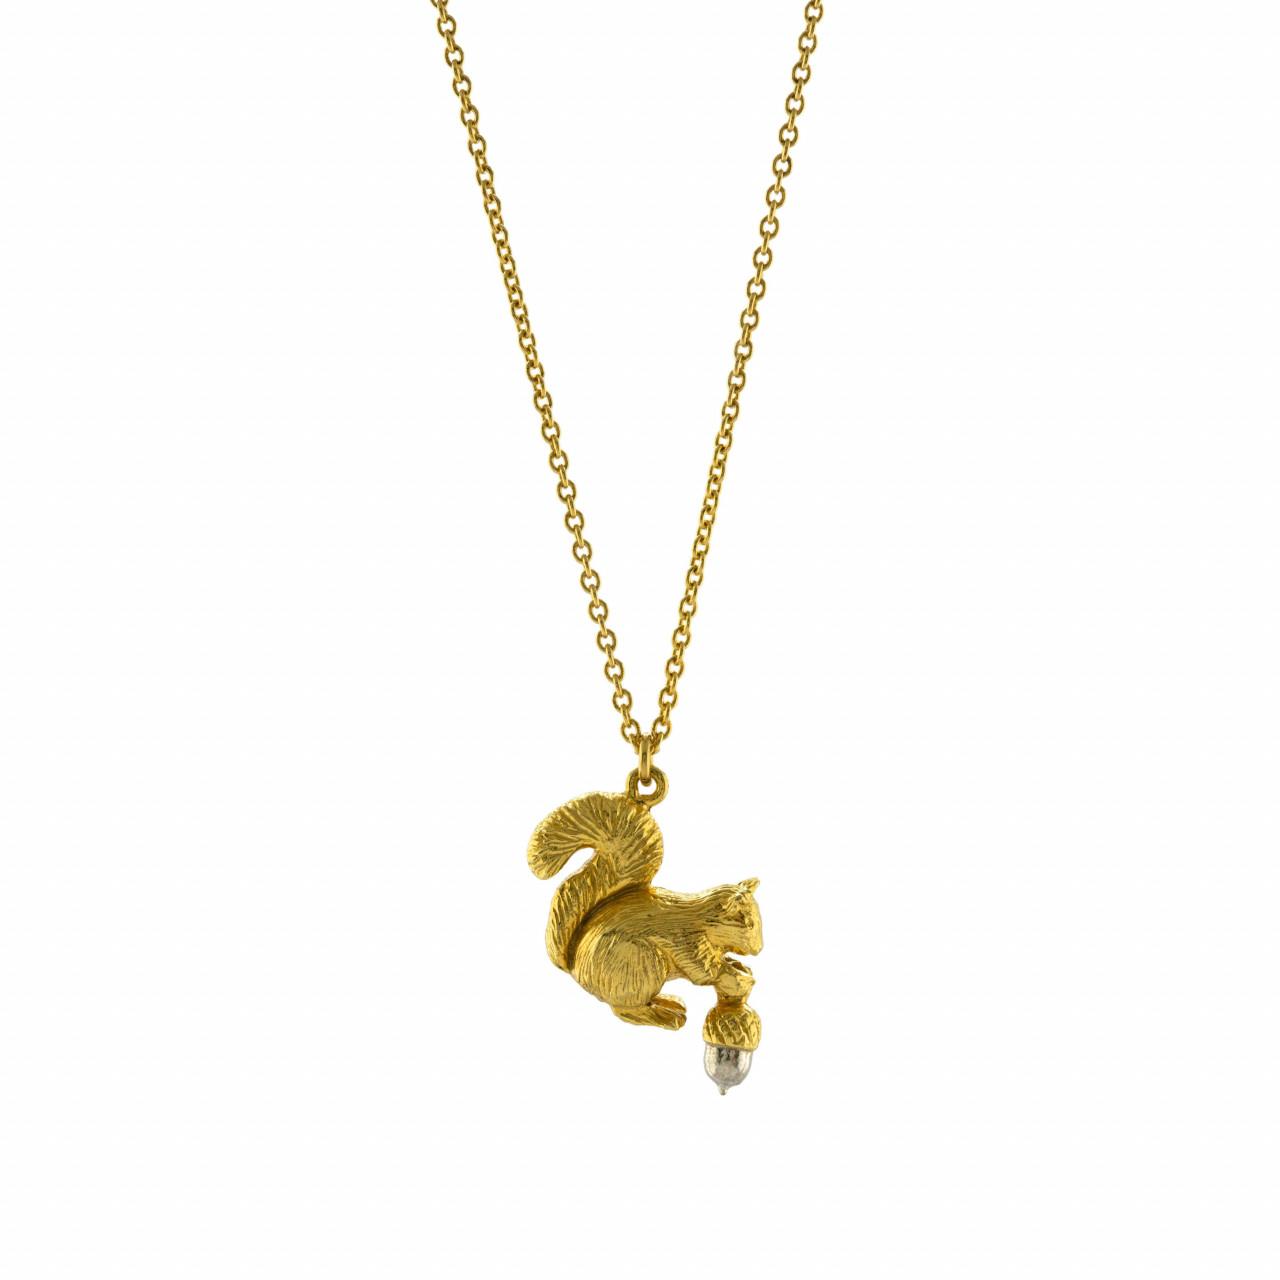 Alex monroe squirrel necklace